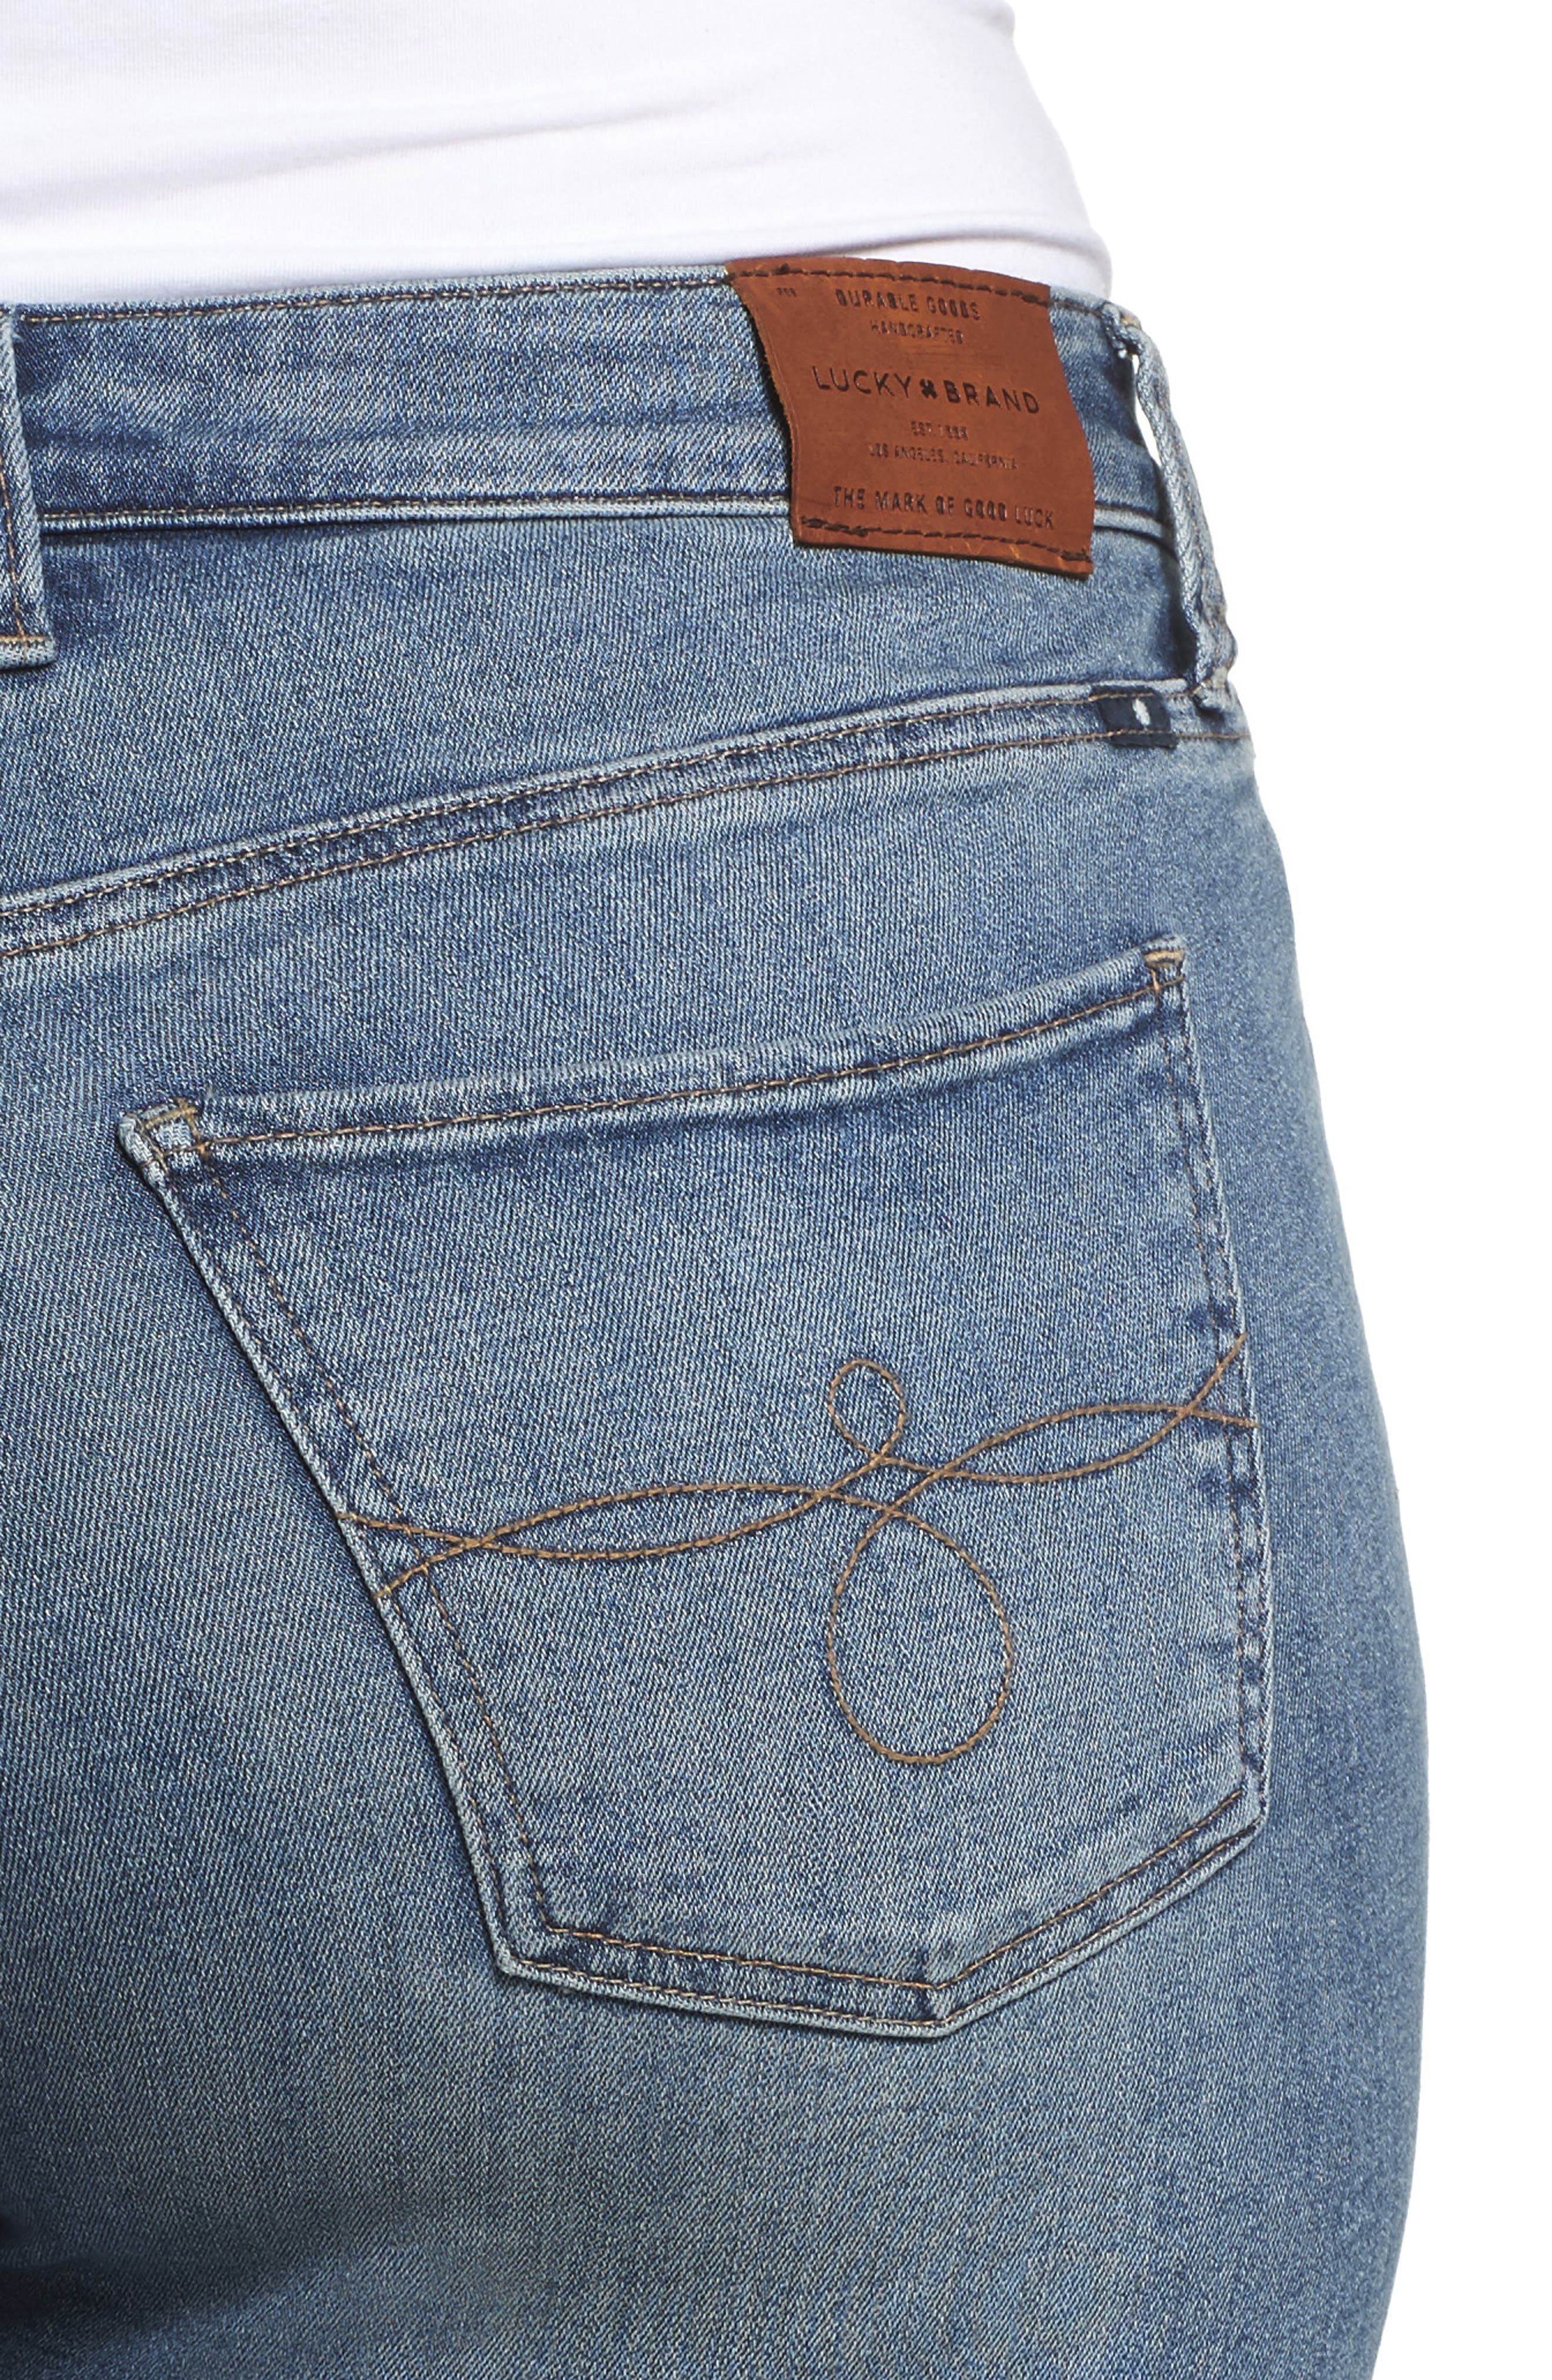 LUCKY BRAND,                             Ginger Fringed Hem Skinny Jeans,                             Alternate thumbnail 4, color,                             400